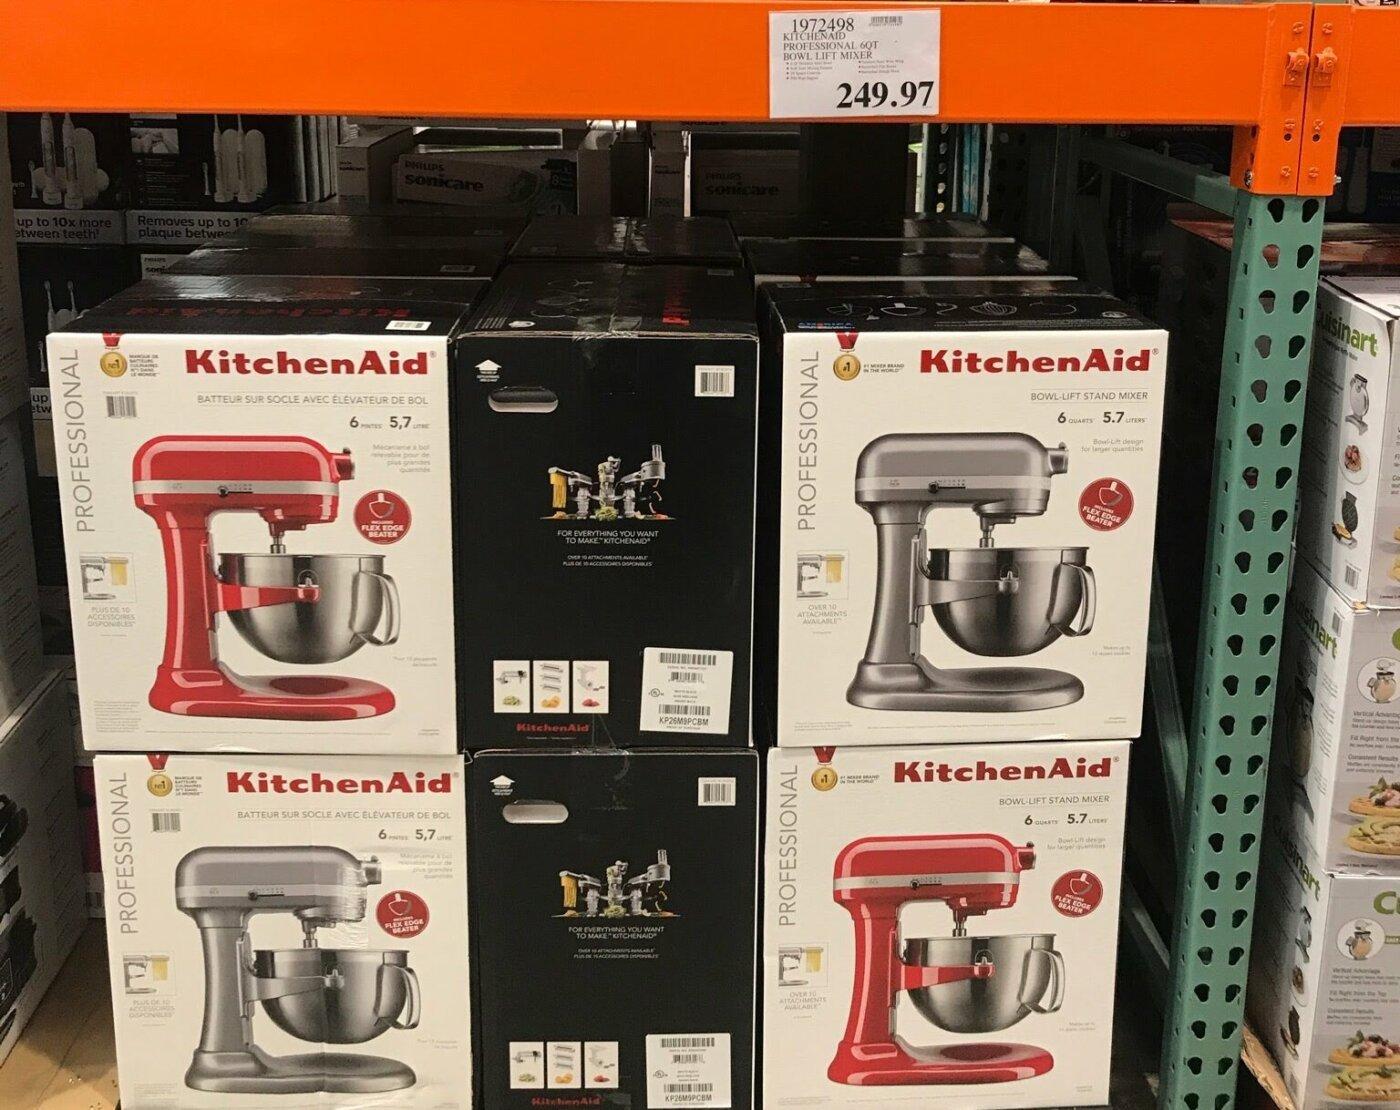 KitchenAidProfessional6QTMixer-1972498